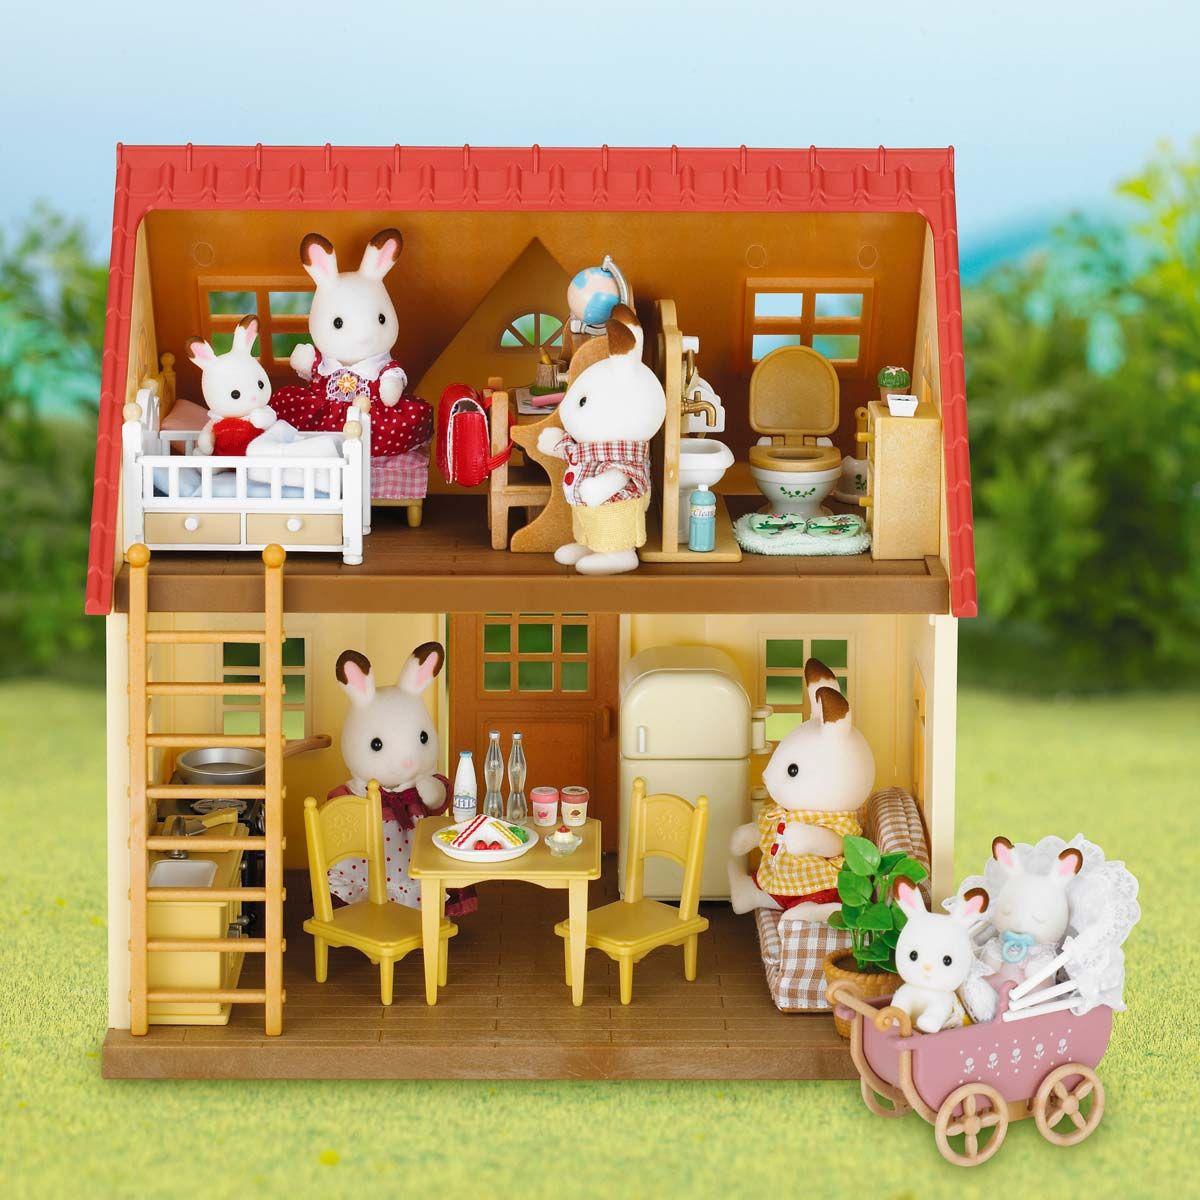 Set Cottage Avec Jardin Sylvanian Pour Enfant De 3 Ans À 8 ... tout Maison Jardin Jouet